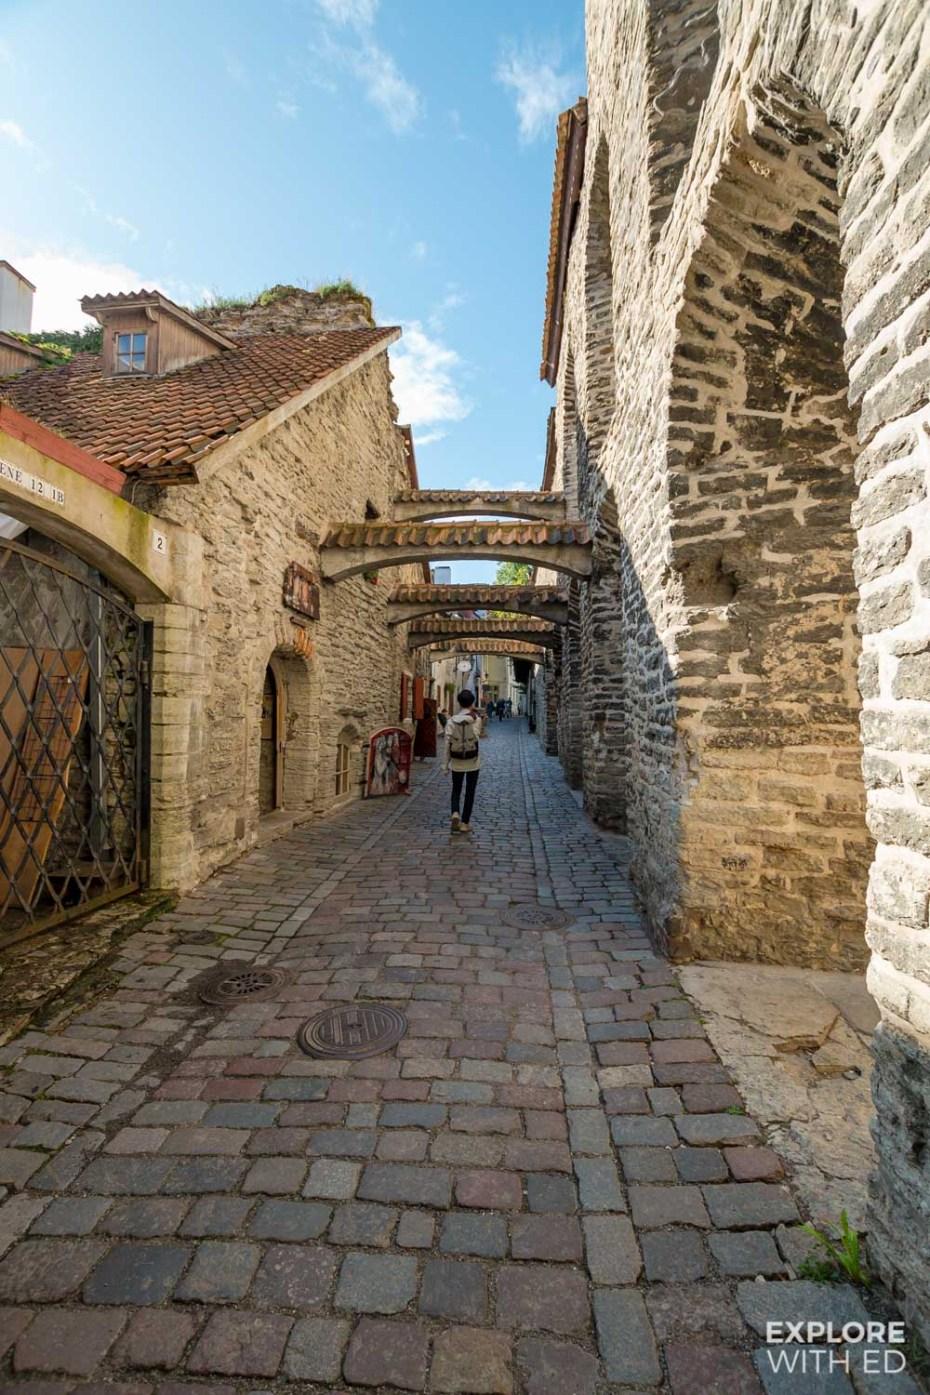 St Catherine's Passage in Tallinn